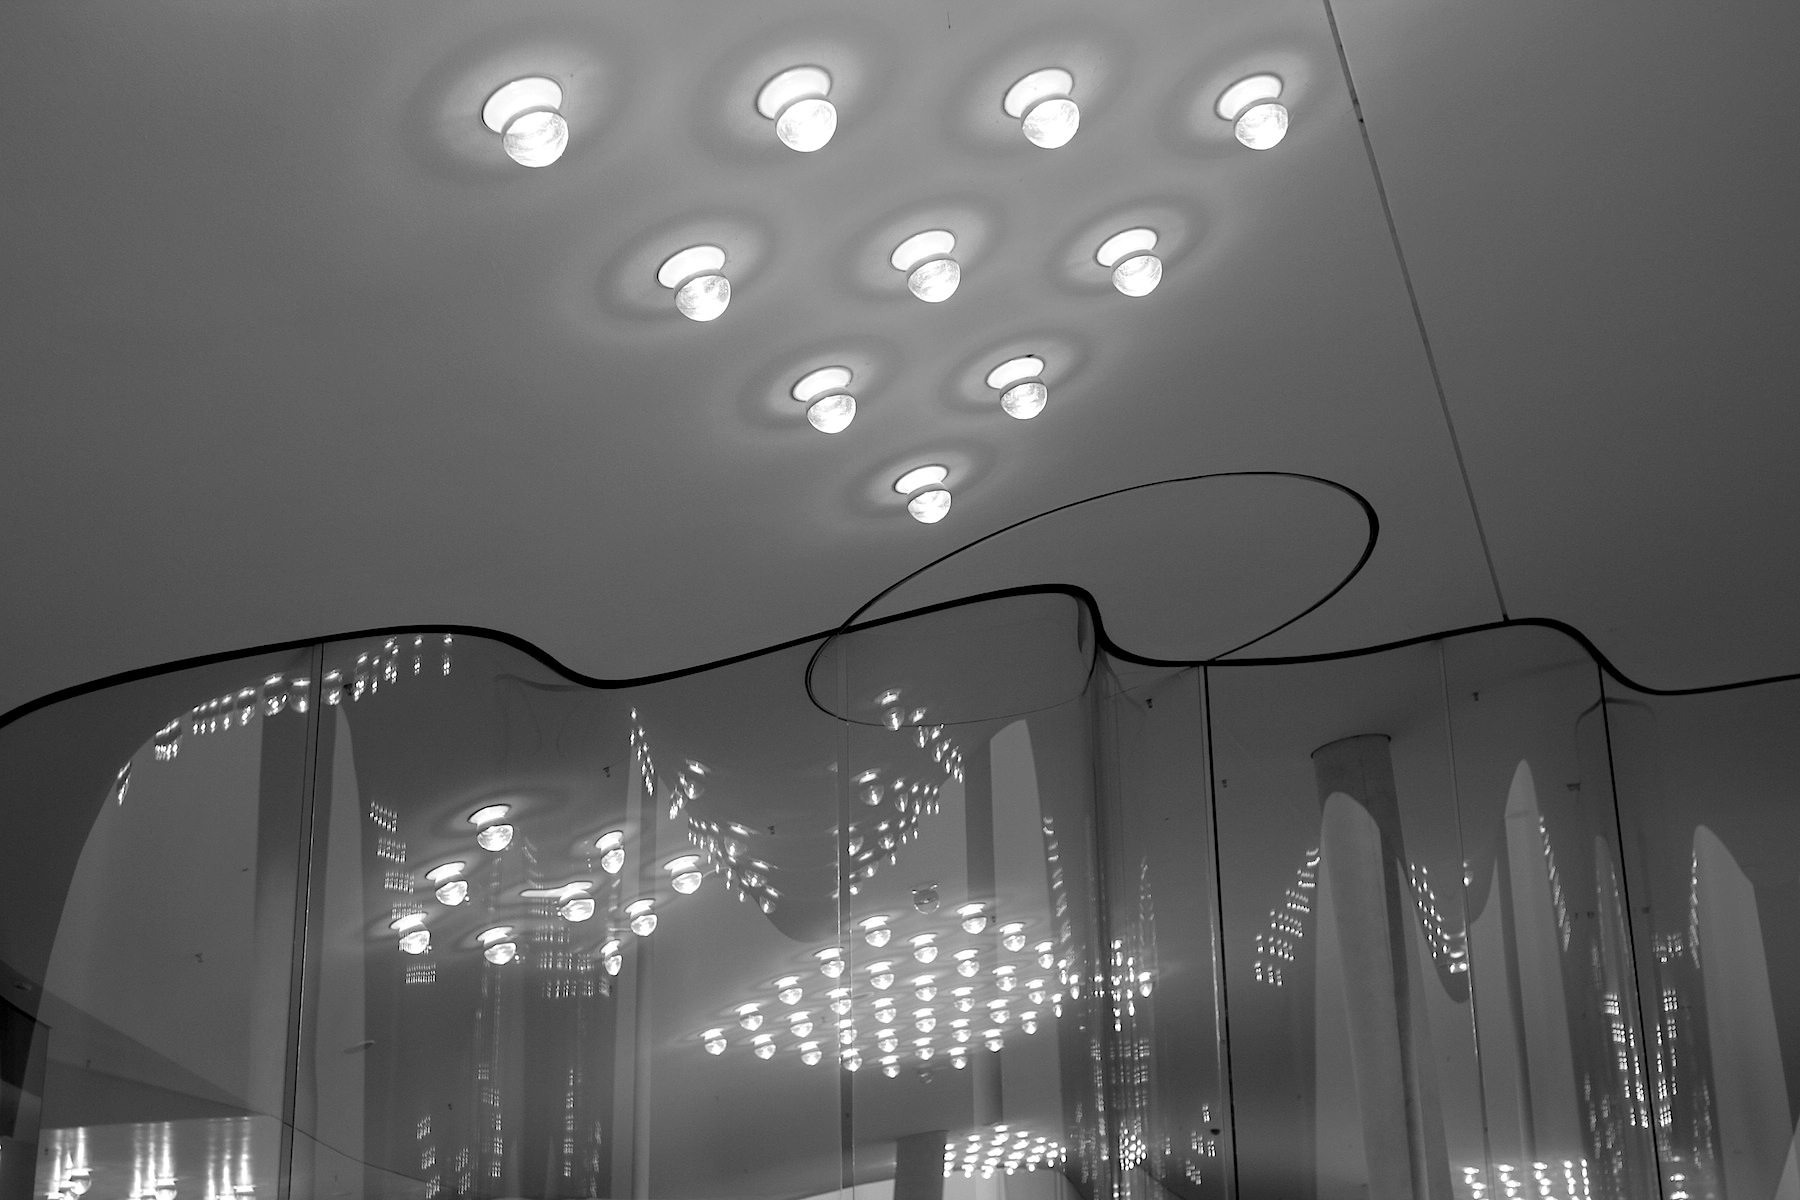 Anordnung. Die LED-Leuchten wurden rautenförmig gruppiert.